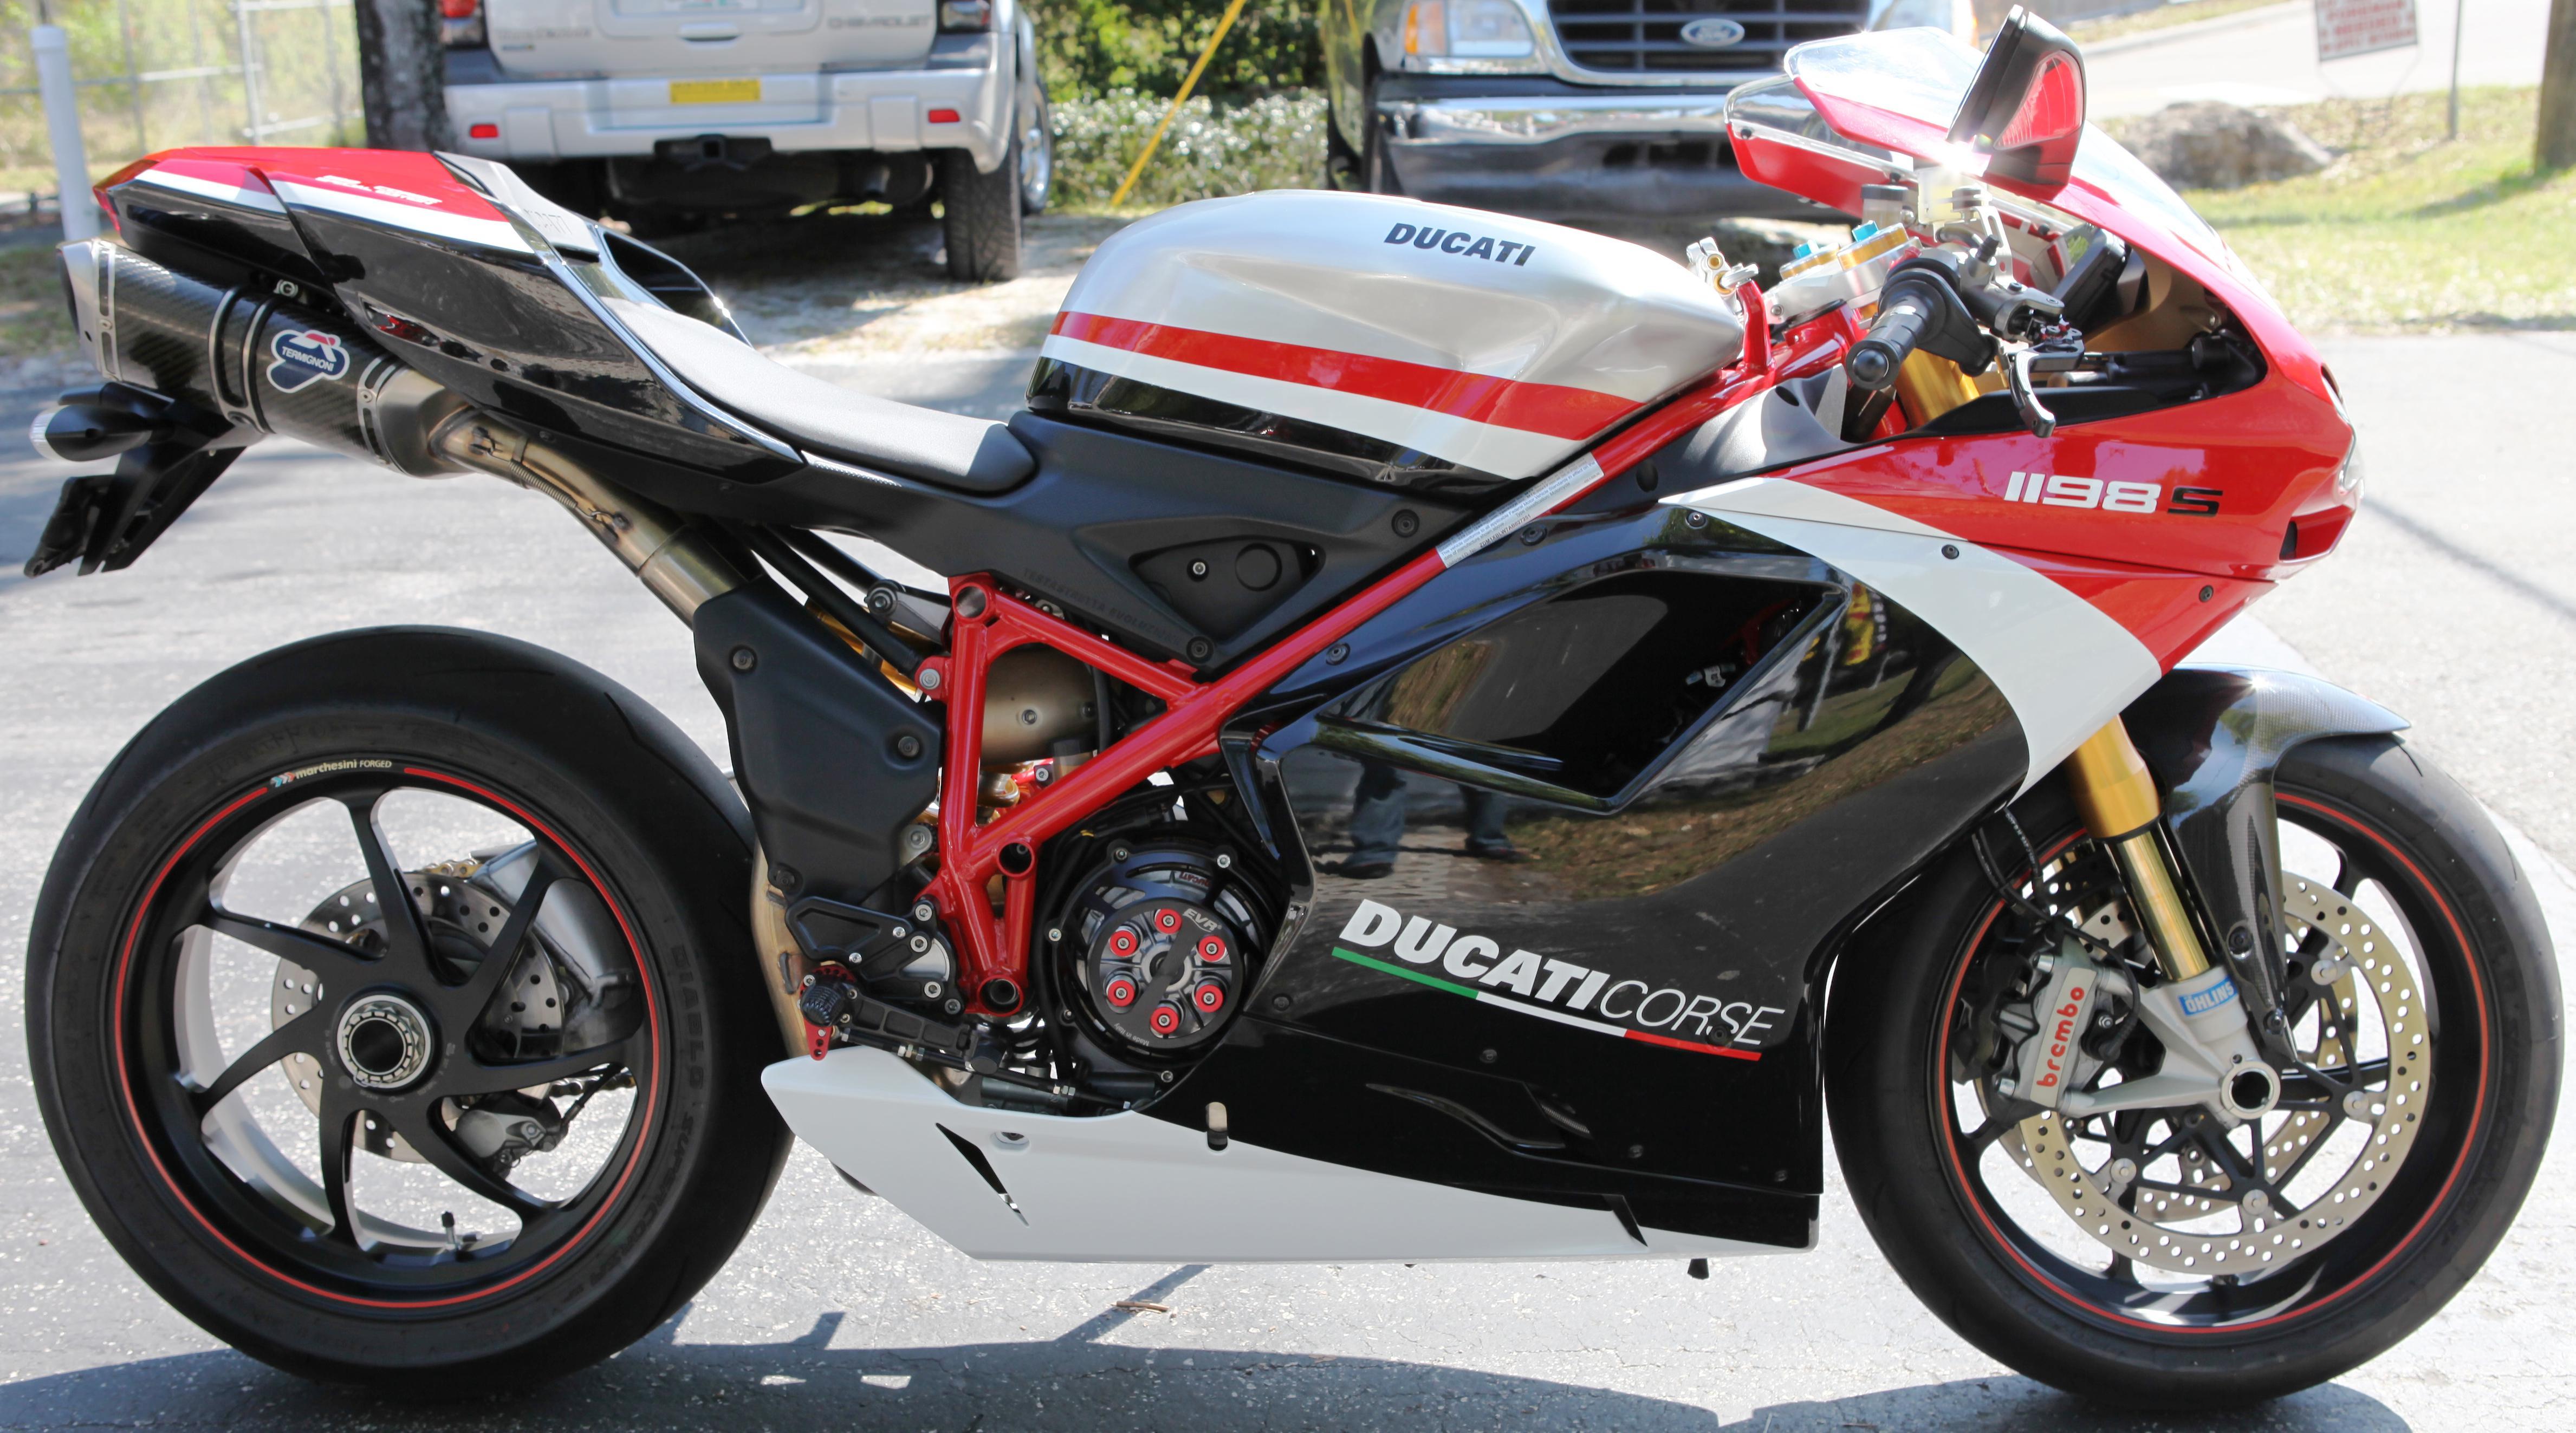 2010 ducati 1198s corse special edition for sale - ducati